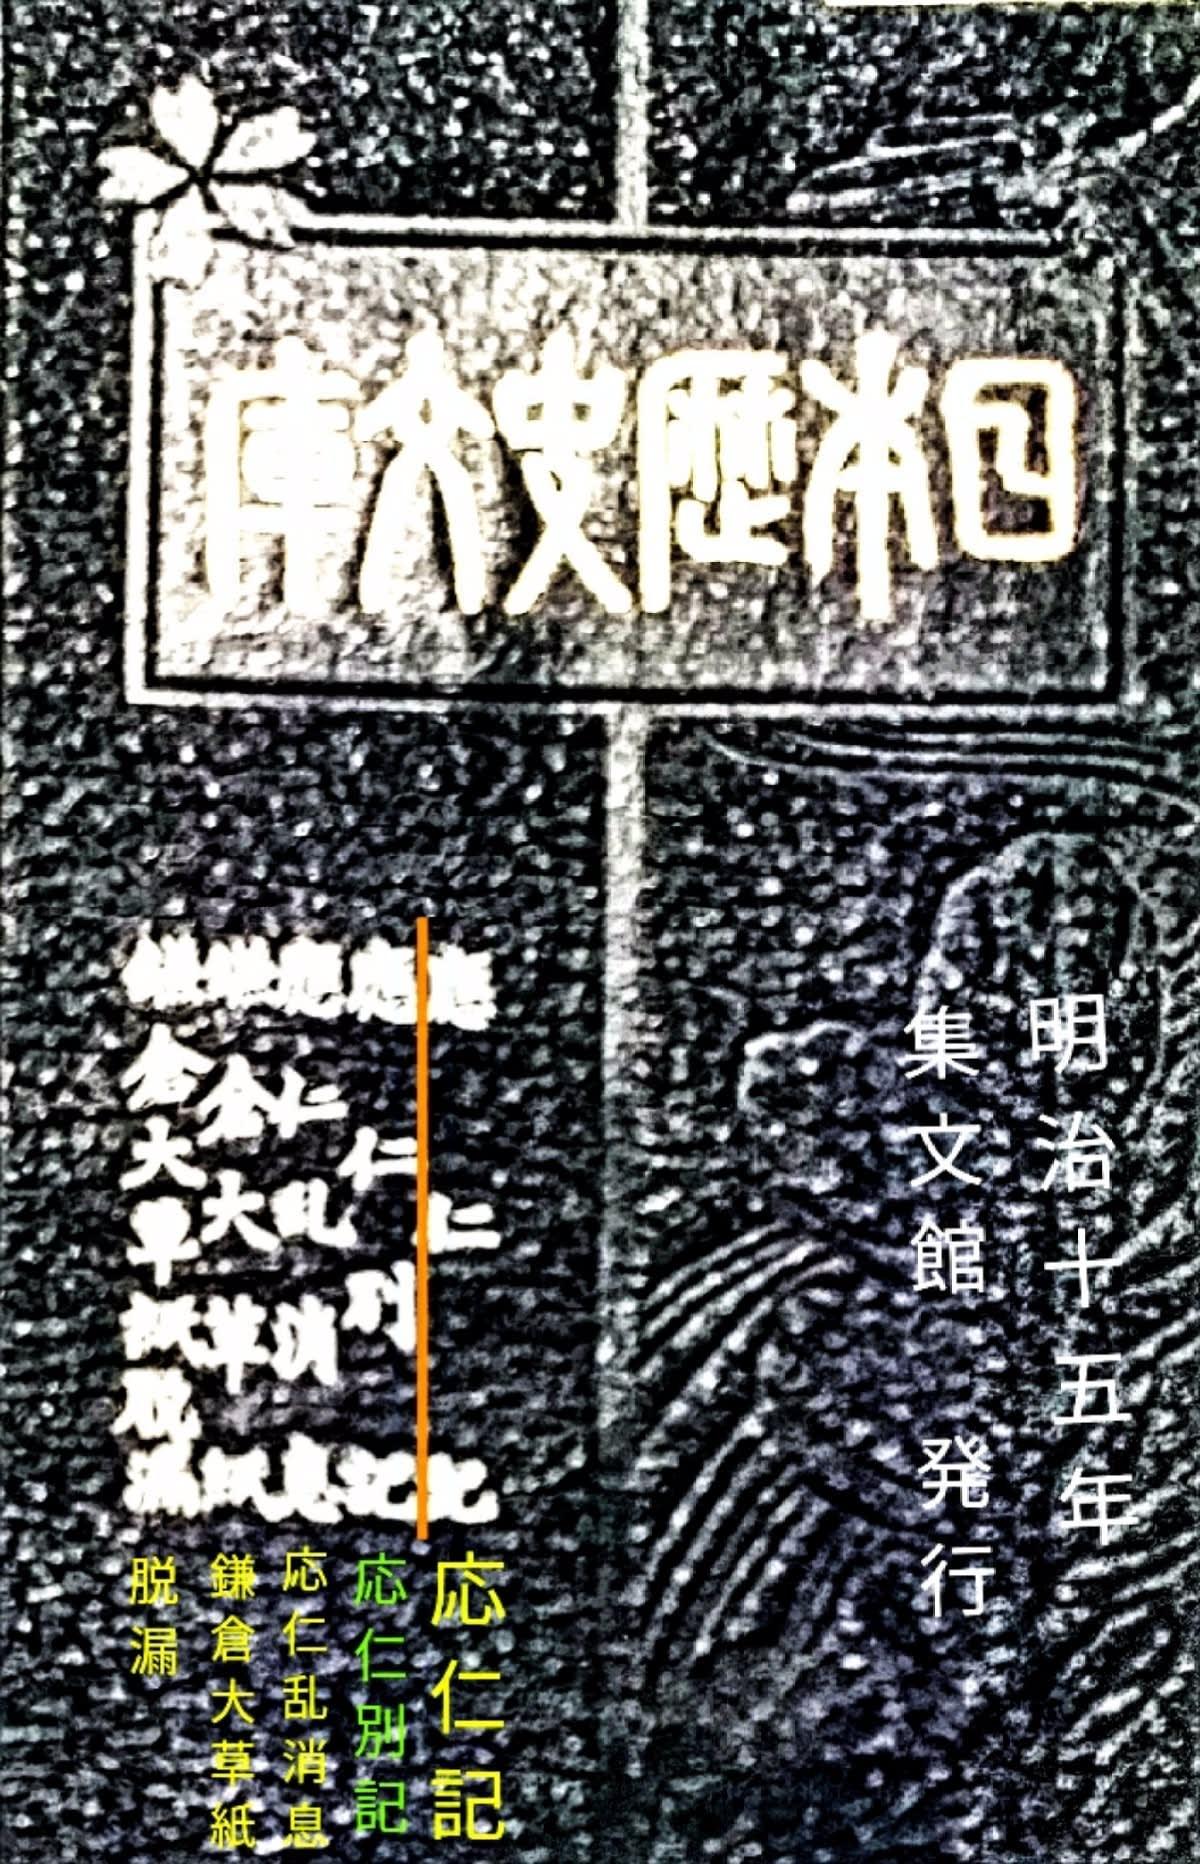 富山県高岡市 のブログ記事一覧 赤丸米のふるさとから 越中のささやき